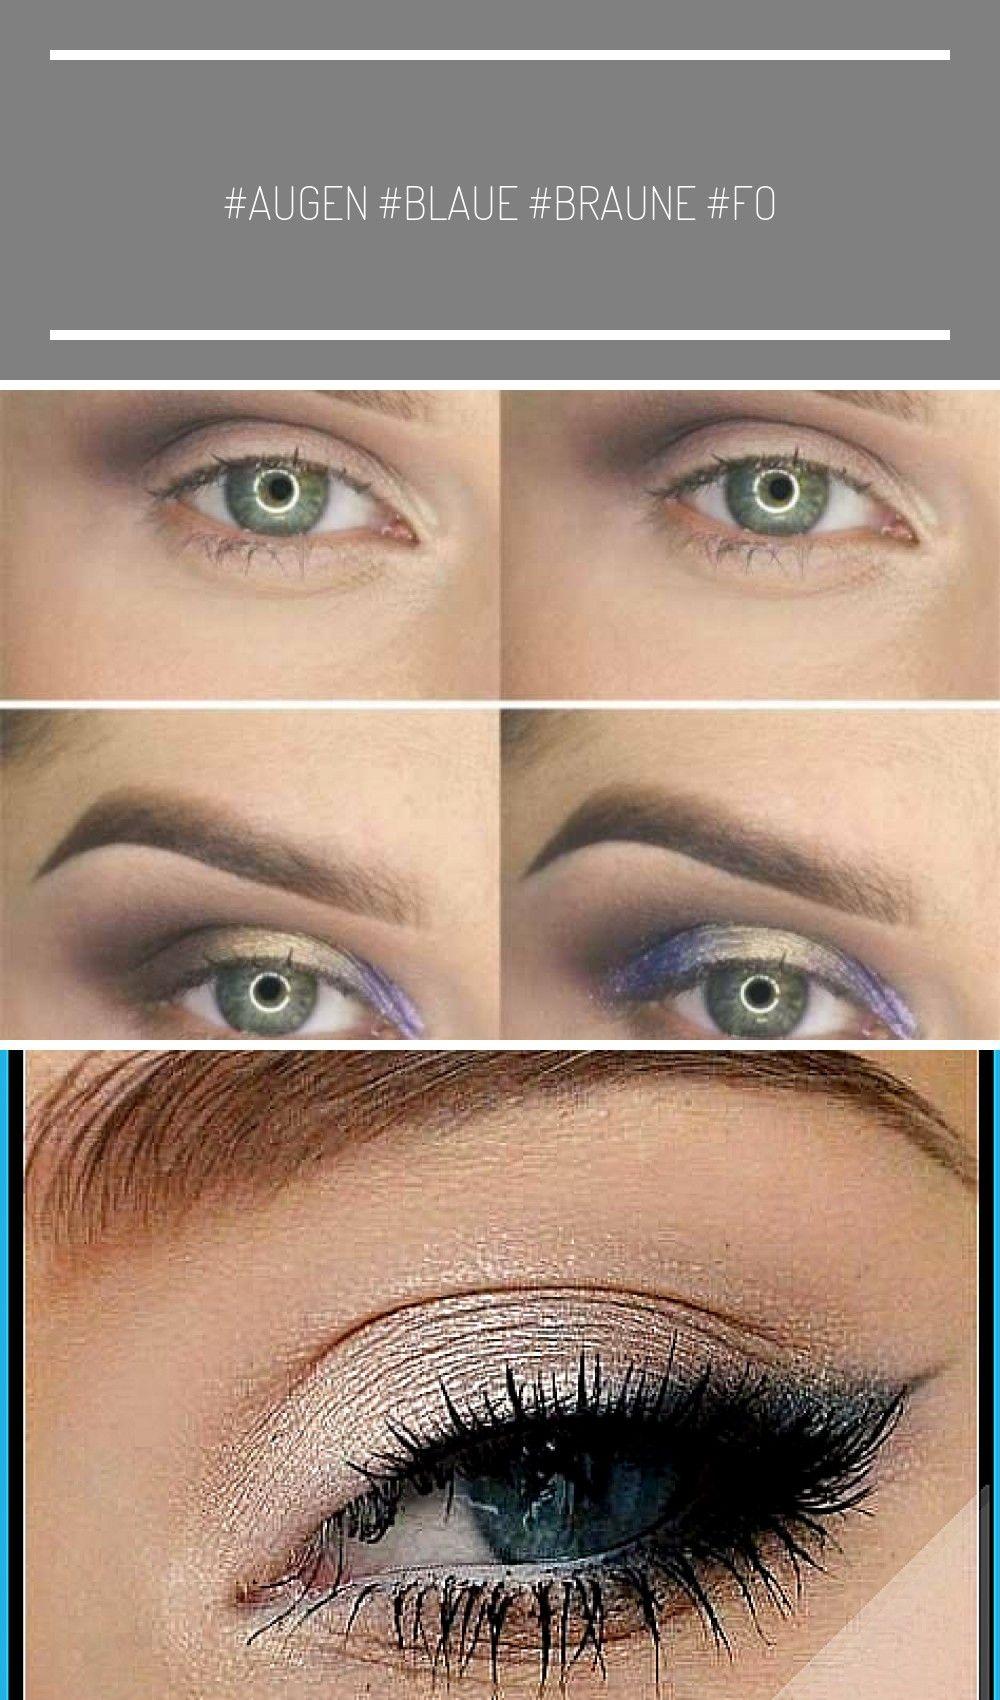 Augen Makeup für blaue Augen braune Haare Tw   Make UP  up for blue eyes tutorial natural